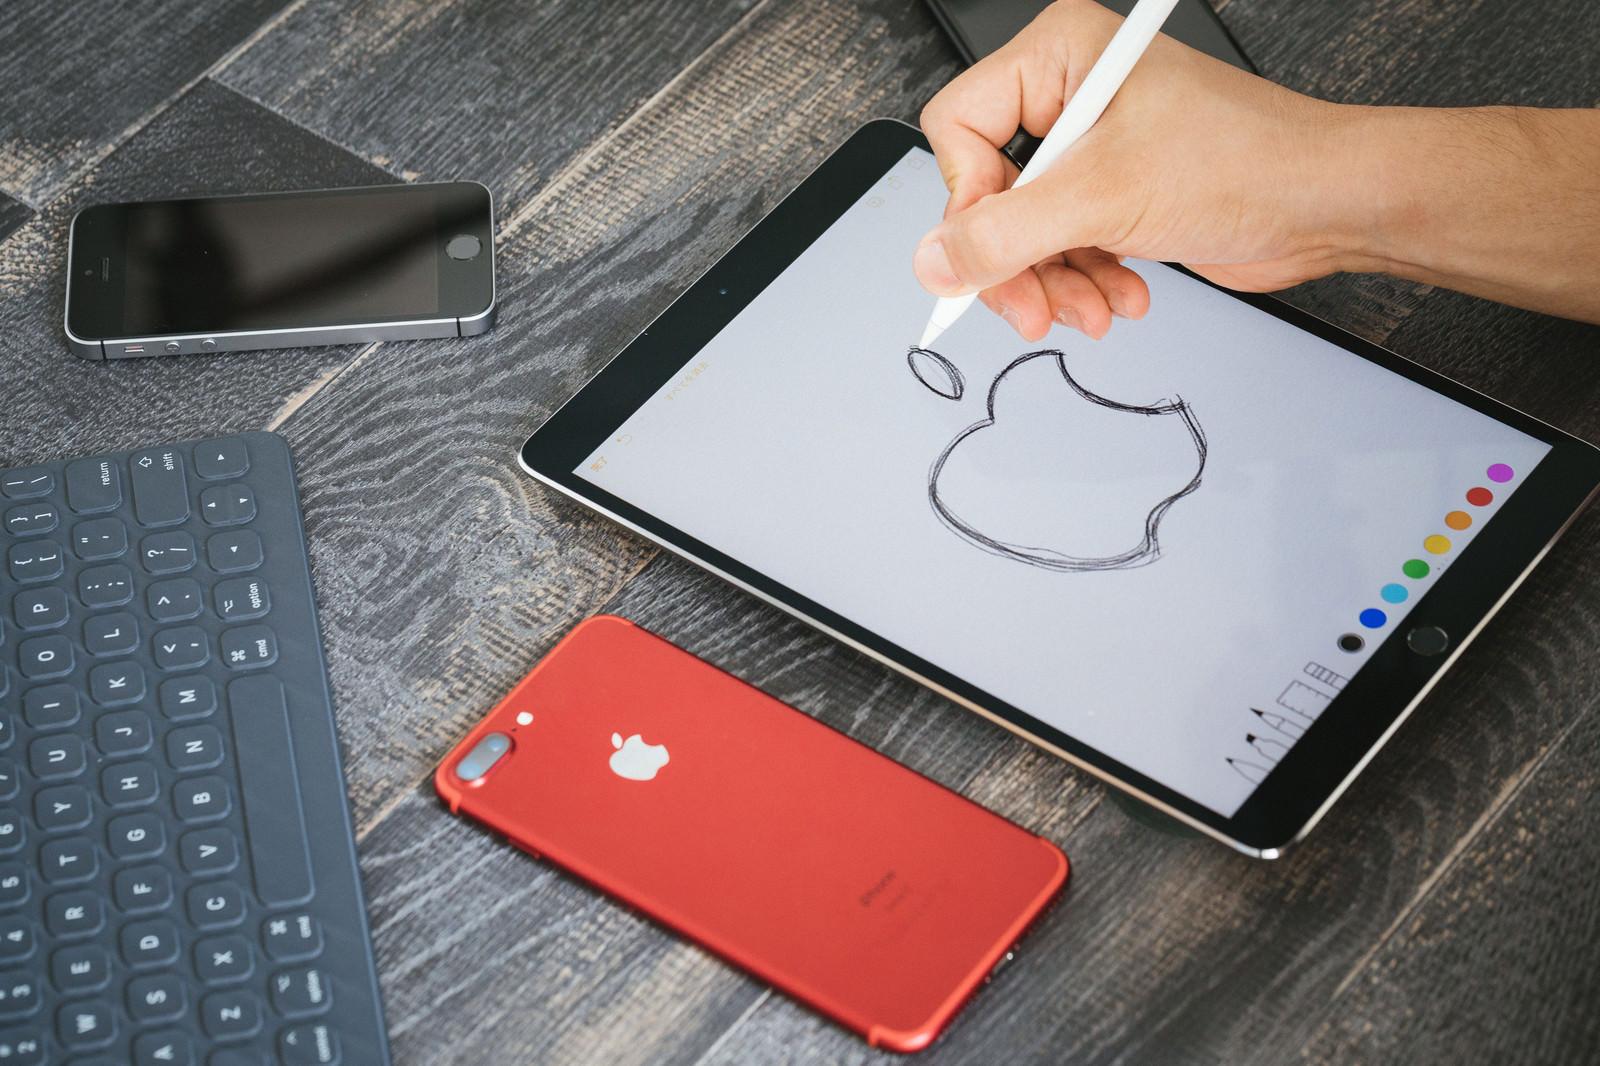 「タブレットを使って絵を描く練習をするタブレットを使って絵を描く練習をする」のフリー写真素材を拡大